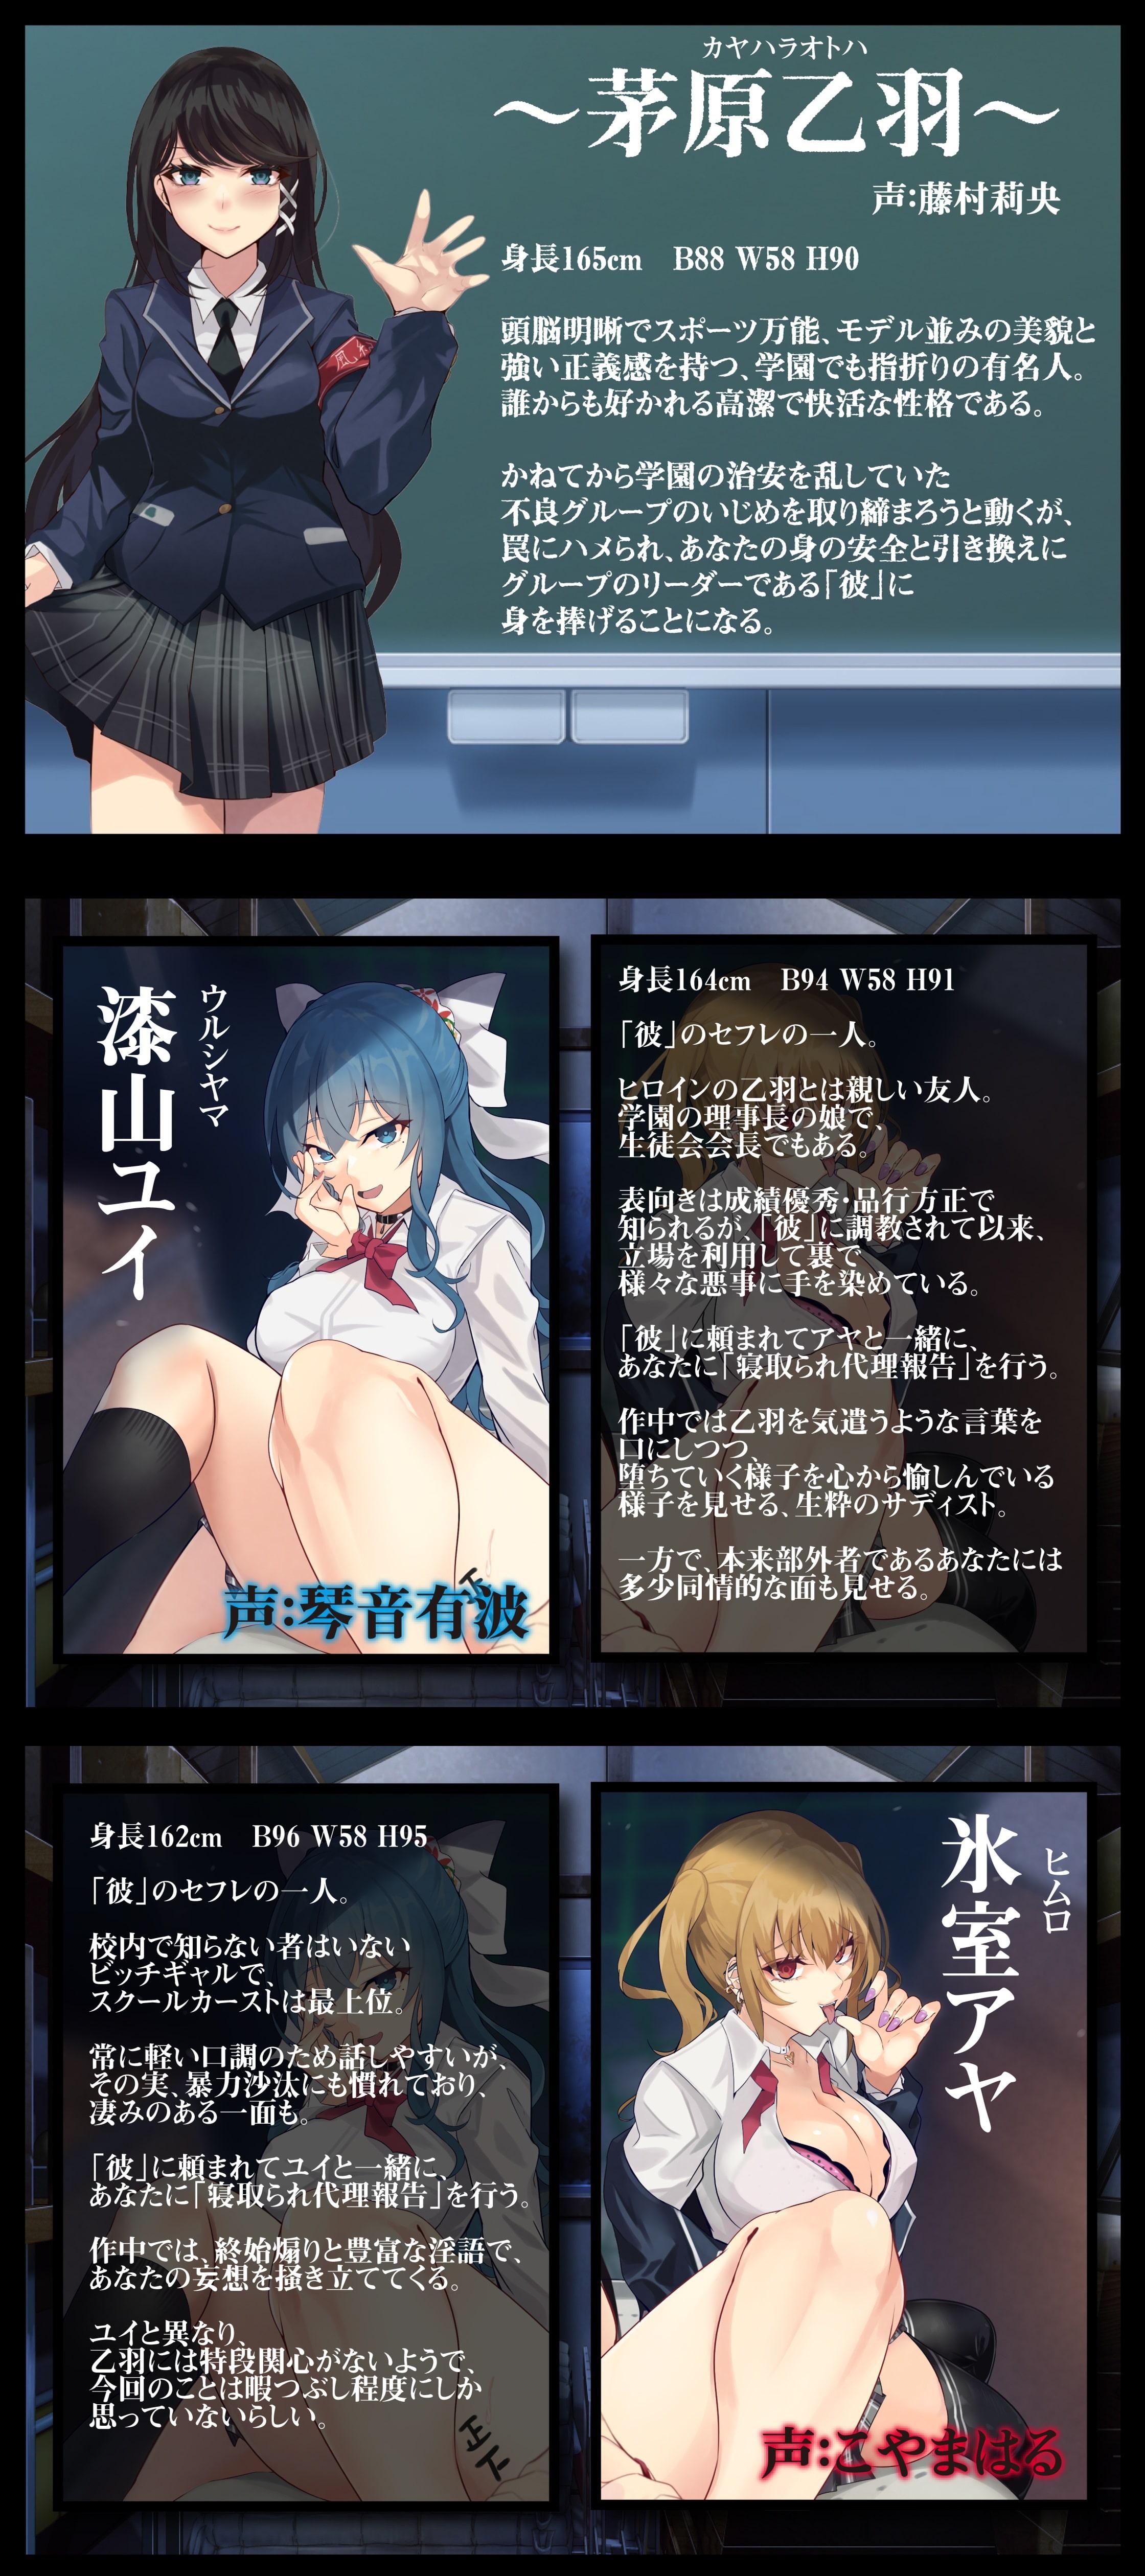 【強制NTR】僕だけの風紀委員長彼女が寝取られて性処理肉便器に堕ちるまで [レッドキャビア]